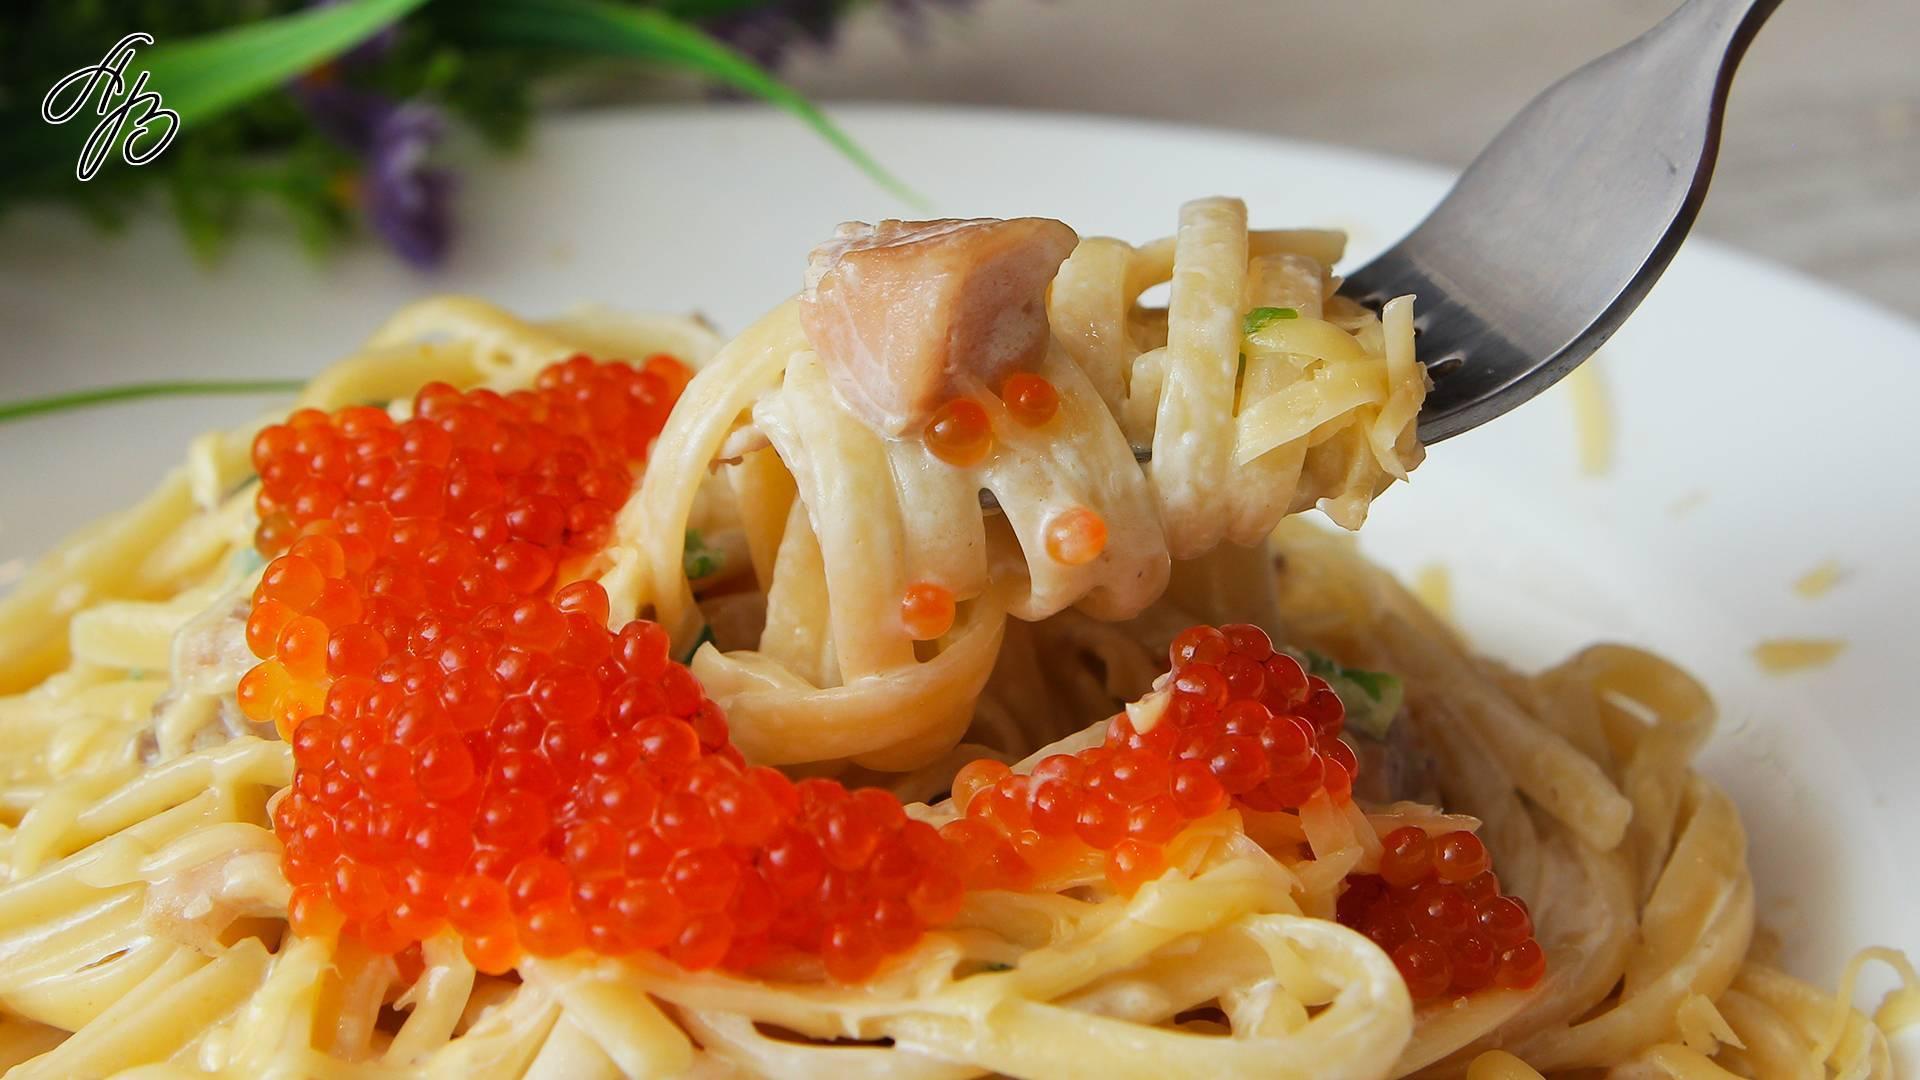 Паста с рыбой в сливочном соусе: простой рецепт с пошаговыми фото